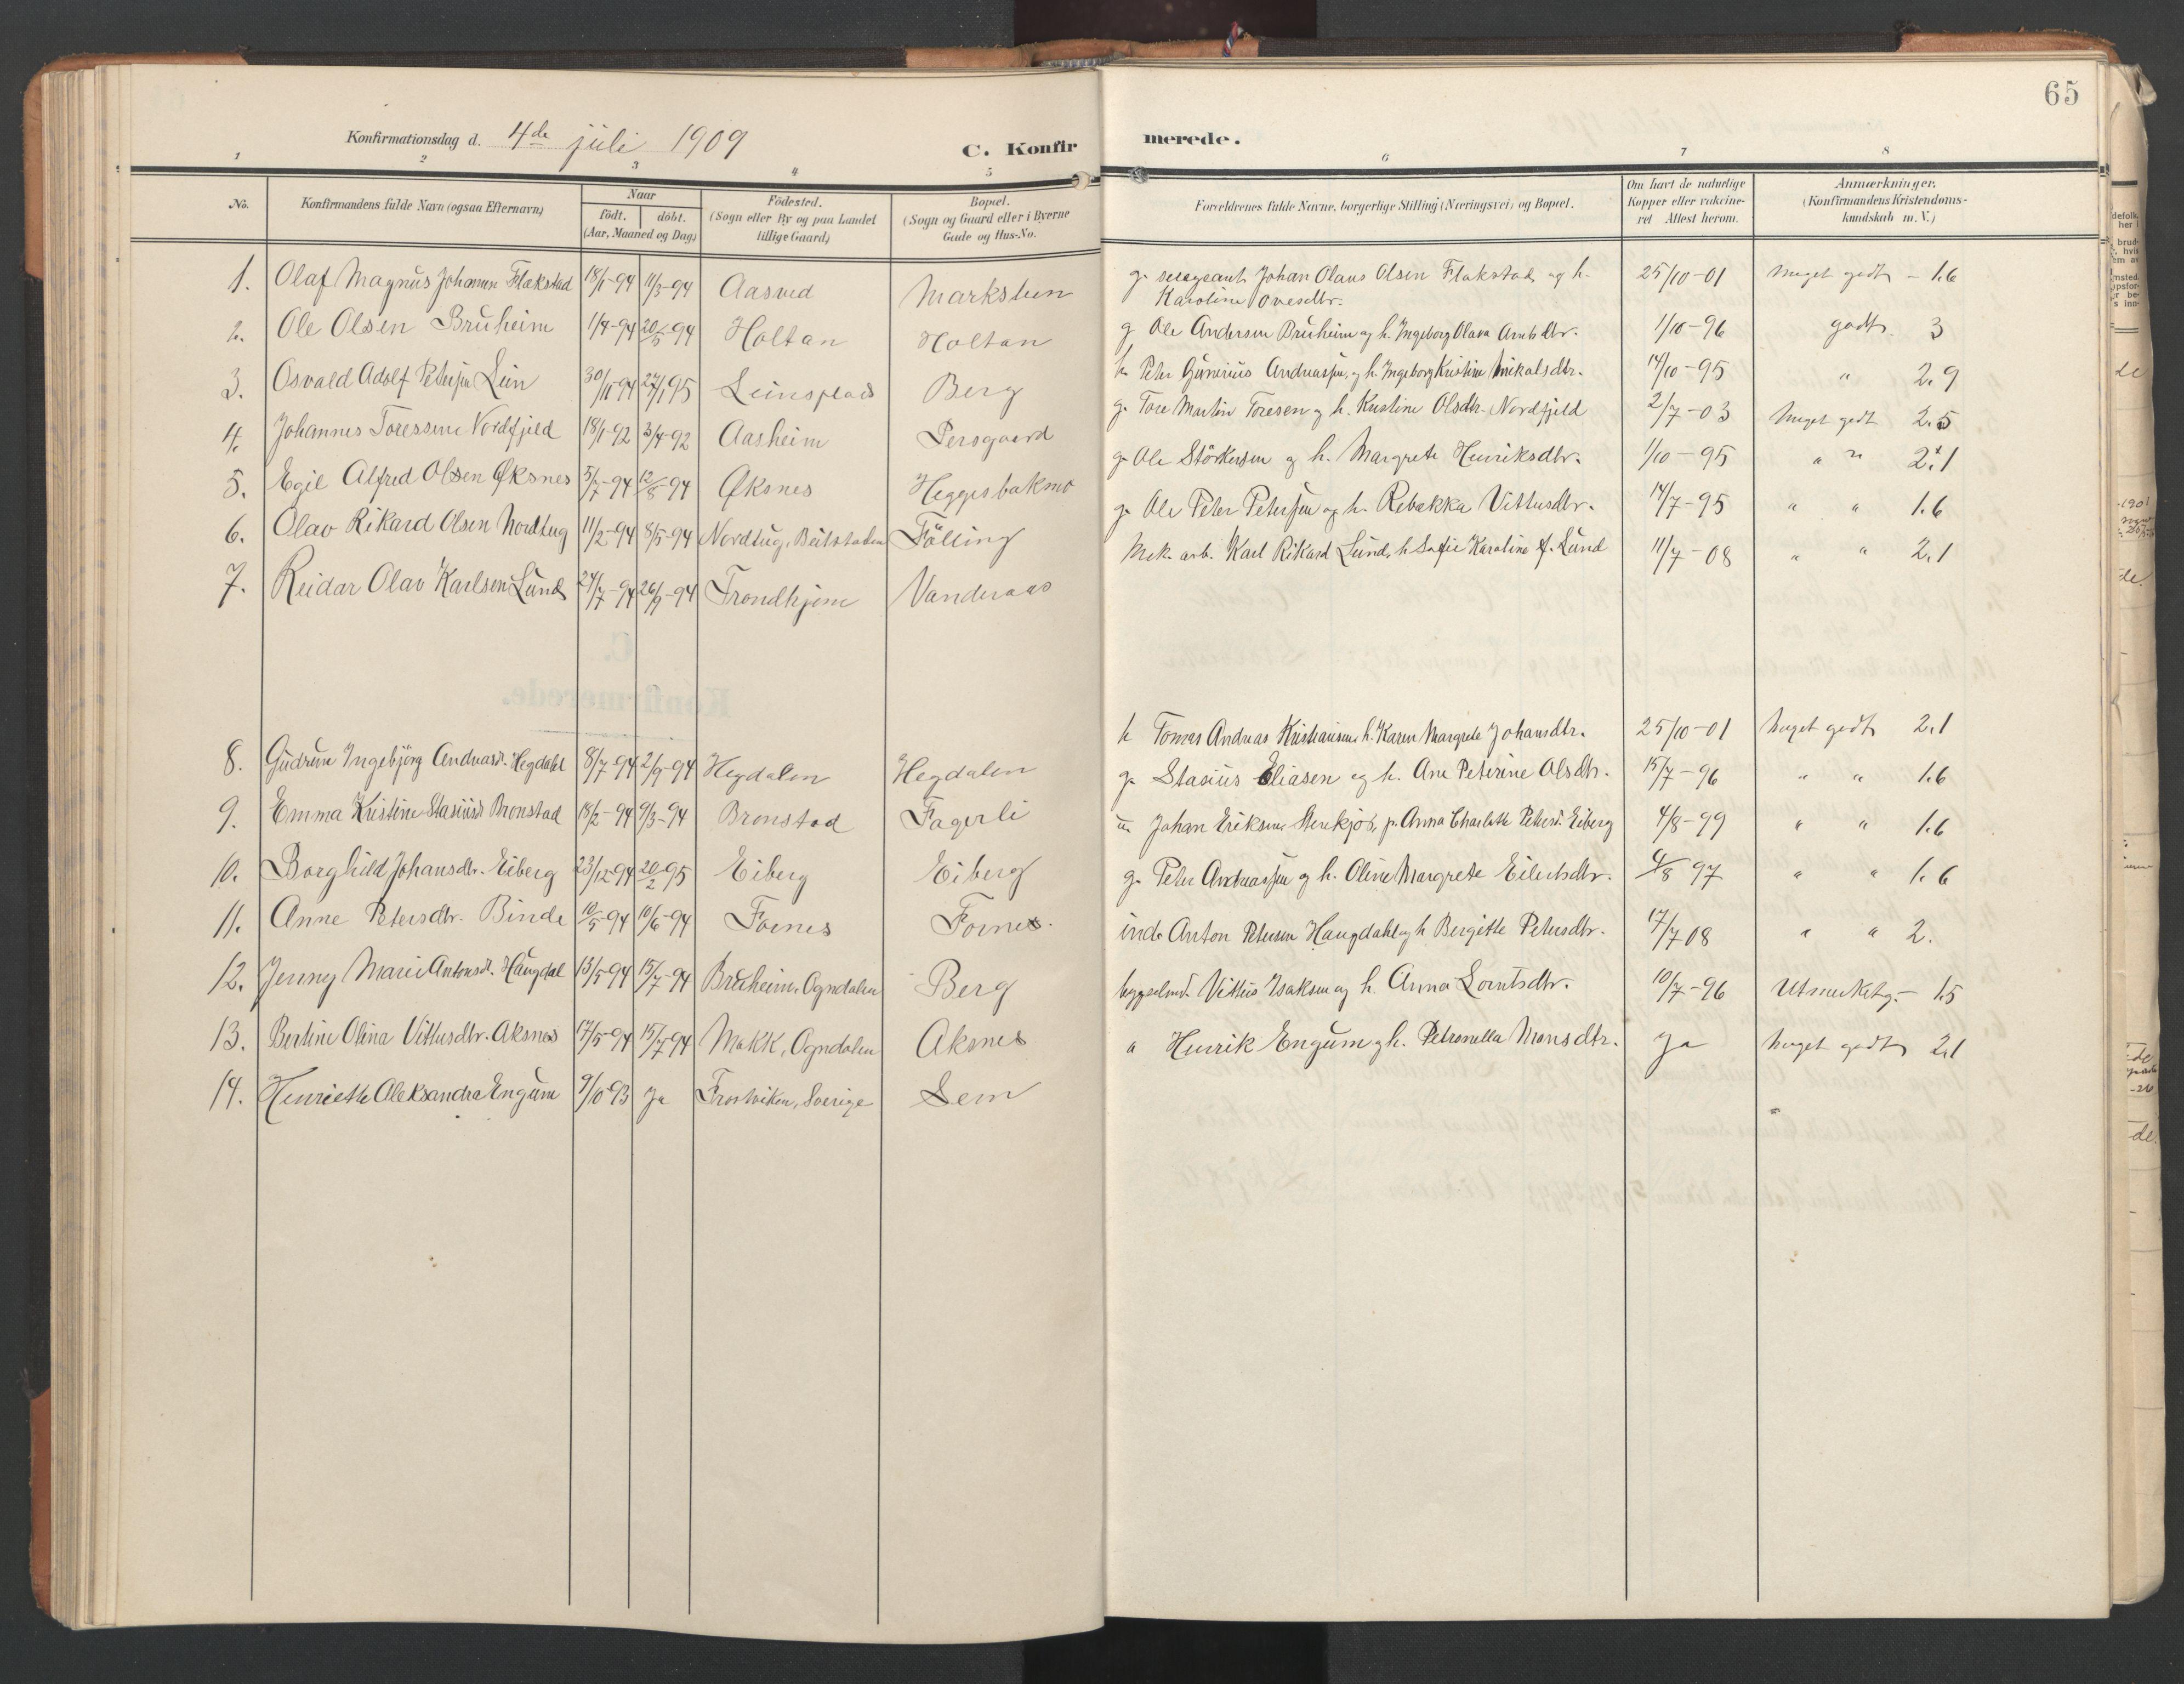 SAT, Ministerialprotokoller, klokkerbøker og fødselsregistre - Nord-Trøndelag, 746/L0455: Klokkerbok nr. 746C01, 1908-1933, s. 65